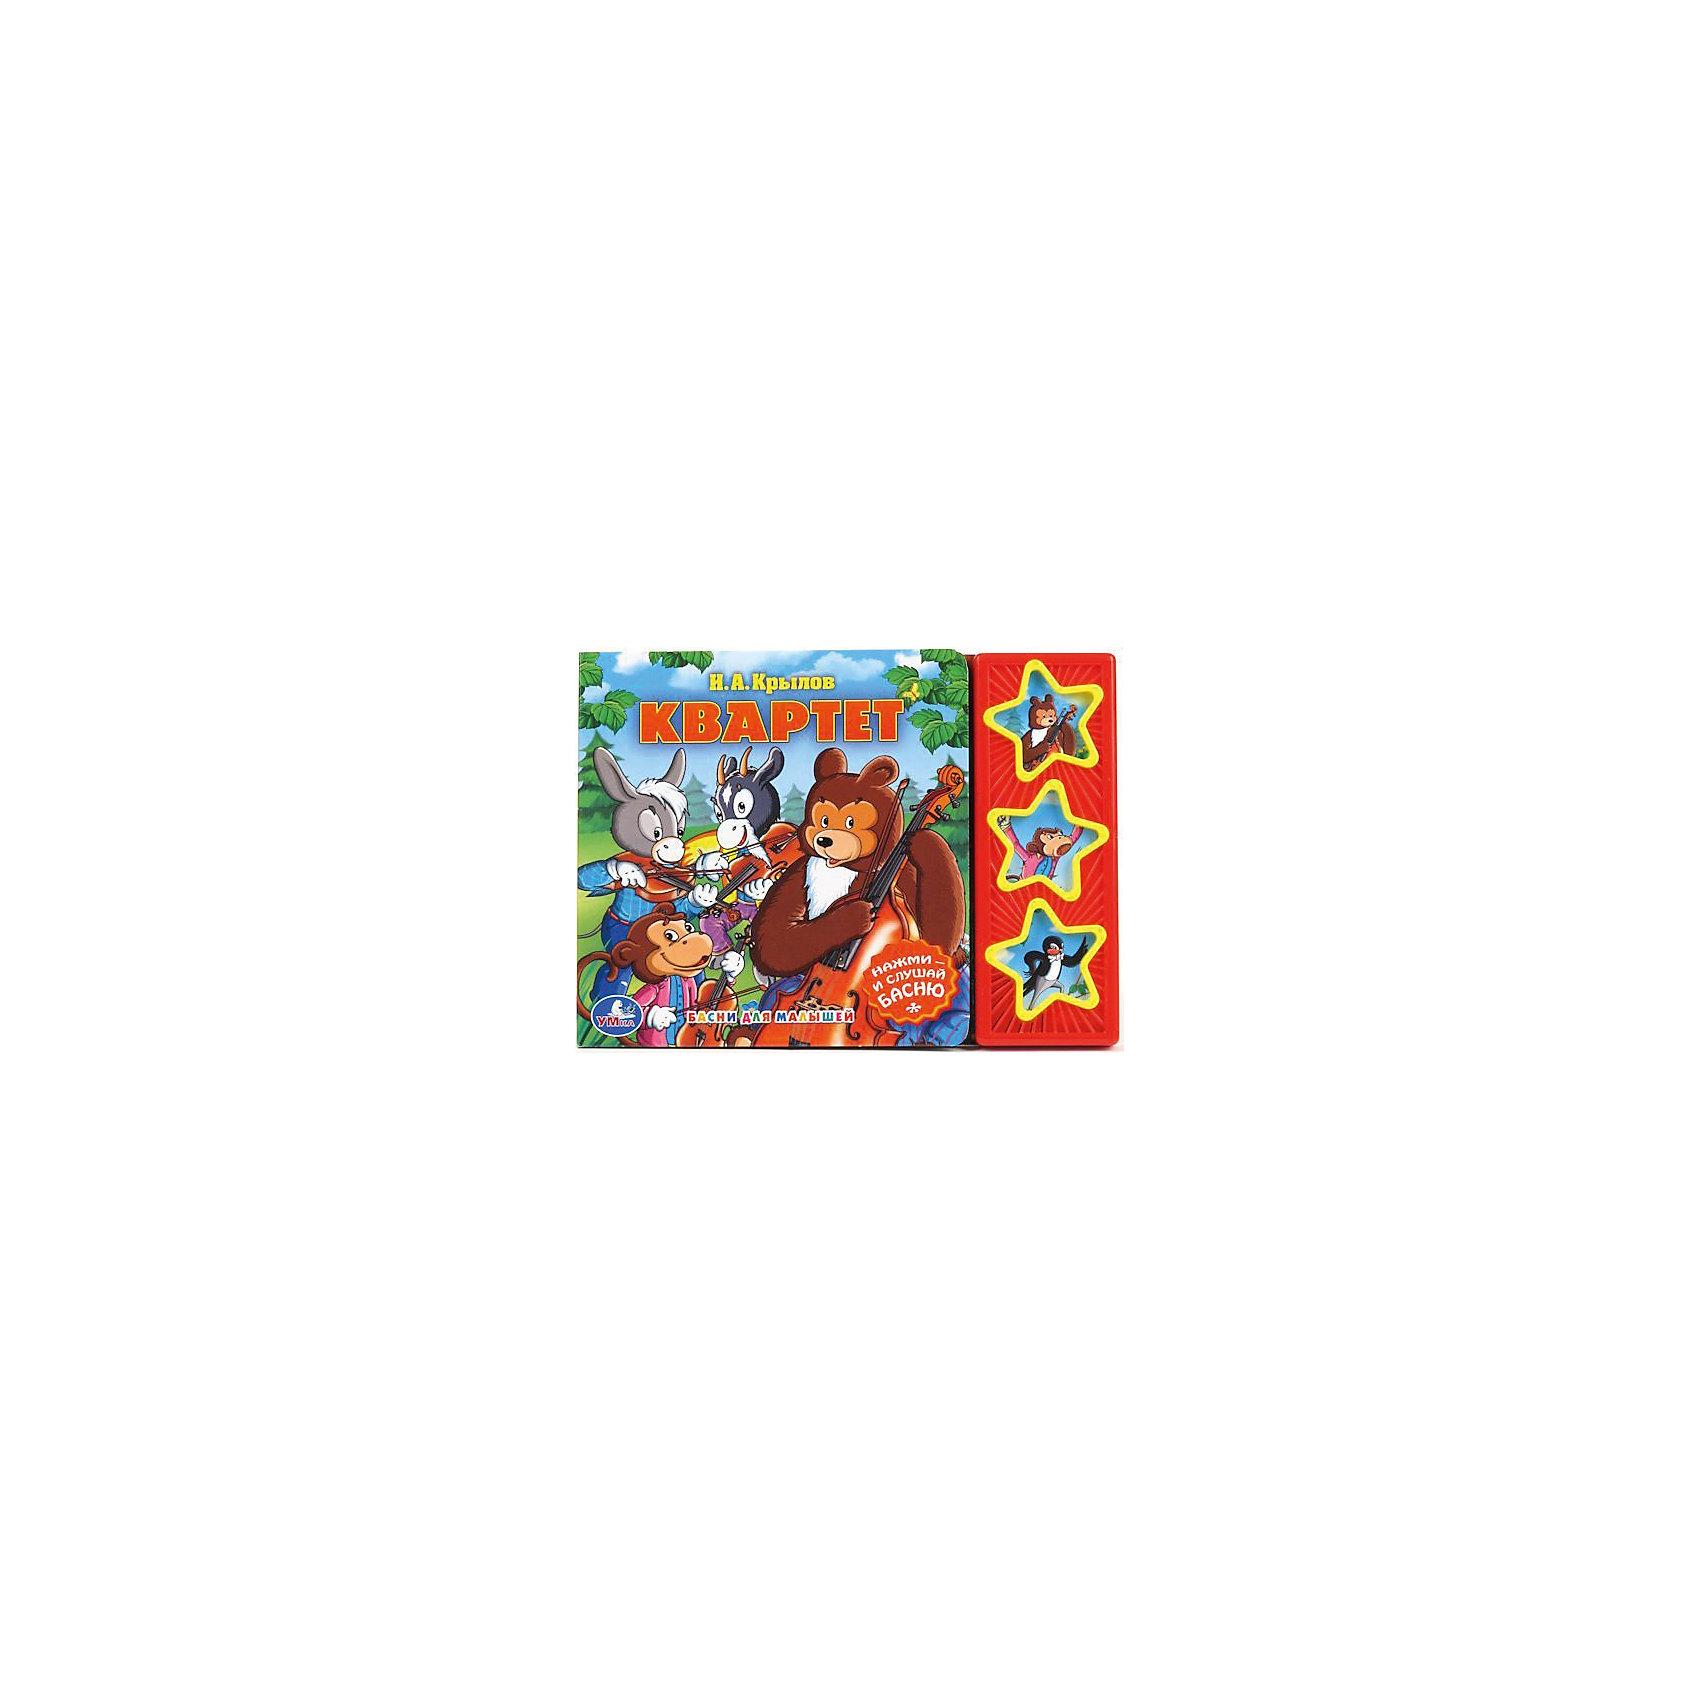 Книга Квартет, А.И.КрыловМузыкальные книги<br>В книге представлена известная басни А.И. Крылова Квартет. Издание имеет плотные страницы, оформлено яркими иллюстрациями. Нажимая на кнопки, ребенок услышит басню и веселые звуки. <br><br>Дополнительная информация:<br><br>- Автор: И. Крылов.<br>- Иллюстратор: А. Соколов. <br>- Формат: 20,6х15 см.<br>- Переплет: картон. <br>- Количество страниц: 6.<br>- Иллюстрации: цветные. <br>- 3 звуковые кнопки. <br><br>Книгу Квартет, А.И.Крылова,  можно купить в нашем магазине.<br><br>Ширина мм: 200<br>Глубина мм: 210<br>Высота мм: 150<br>Вес г: 350<br>Возраст от месяцев: 24<br>Возраст до месяцев: 60<br>Пол: Унисекс<br>Возраст: Детский<br>SKU: 4719266